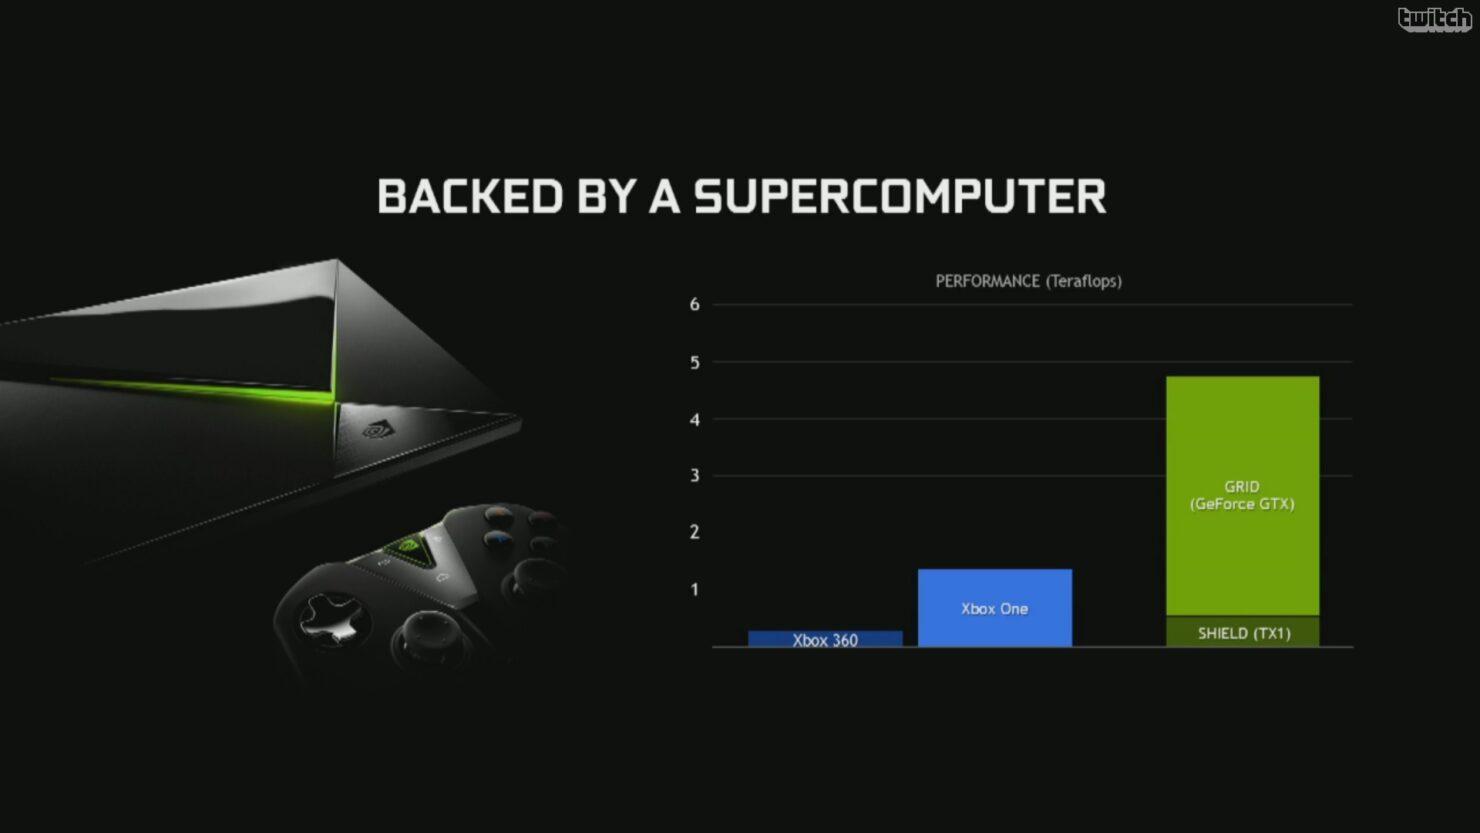 shield-grid-comparison-to-consoles